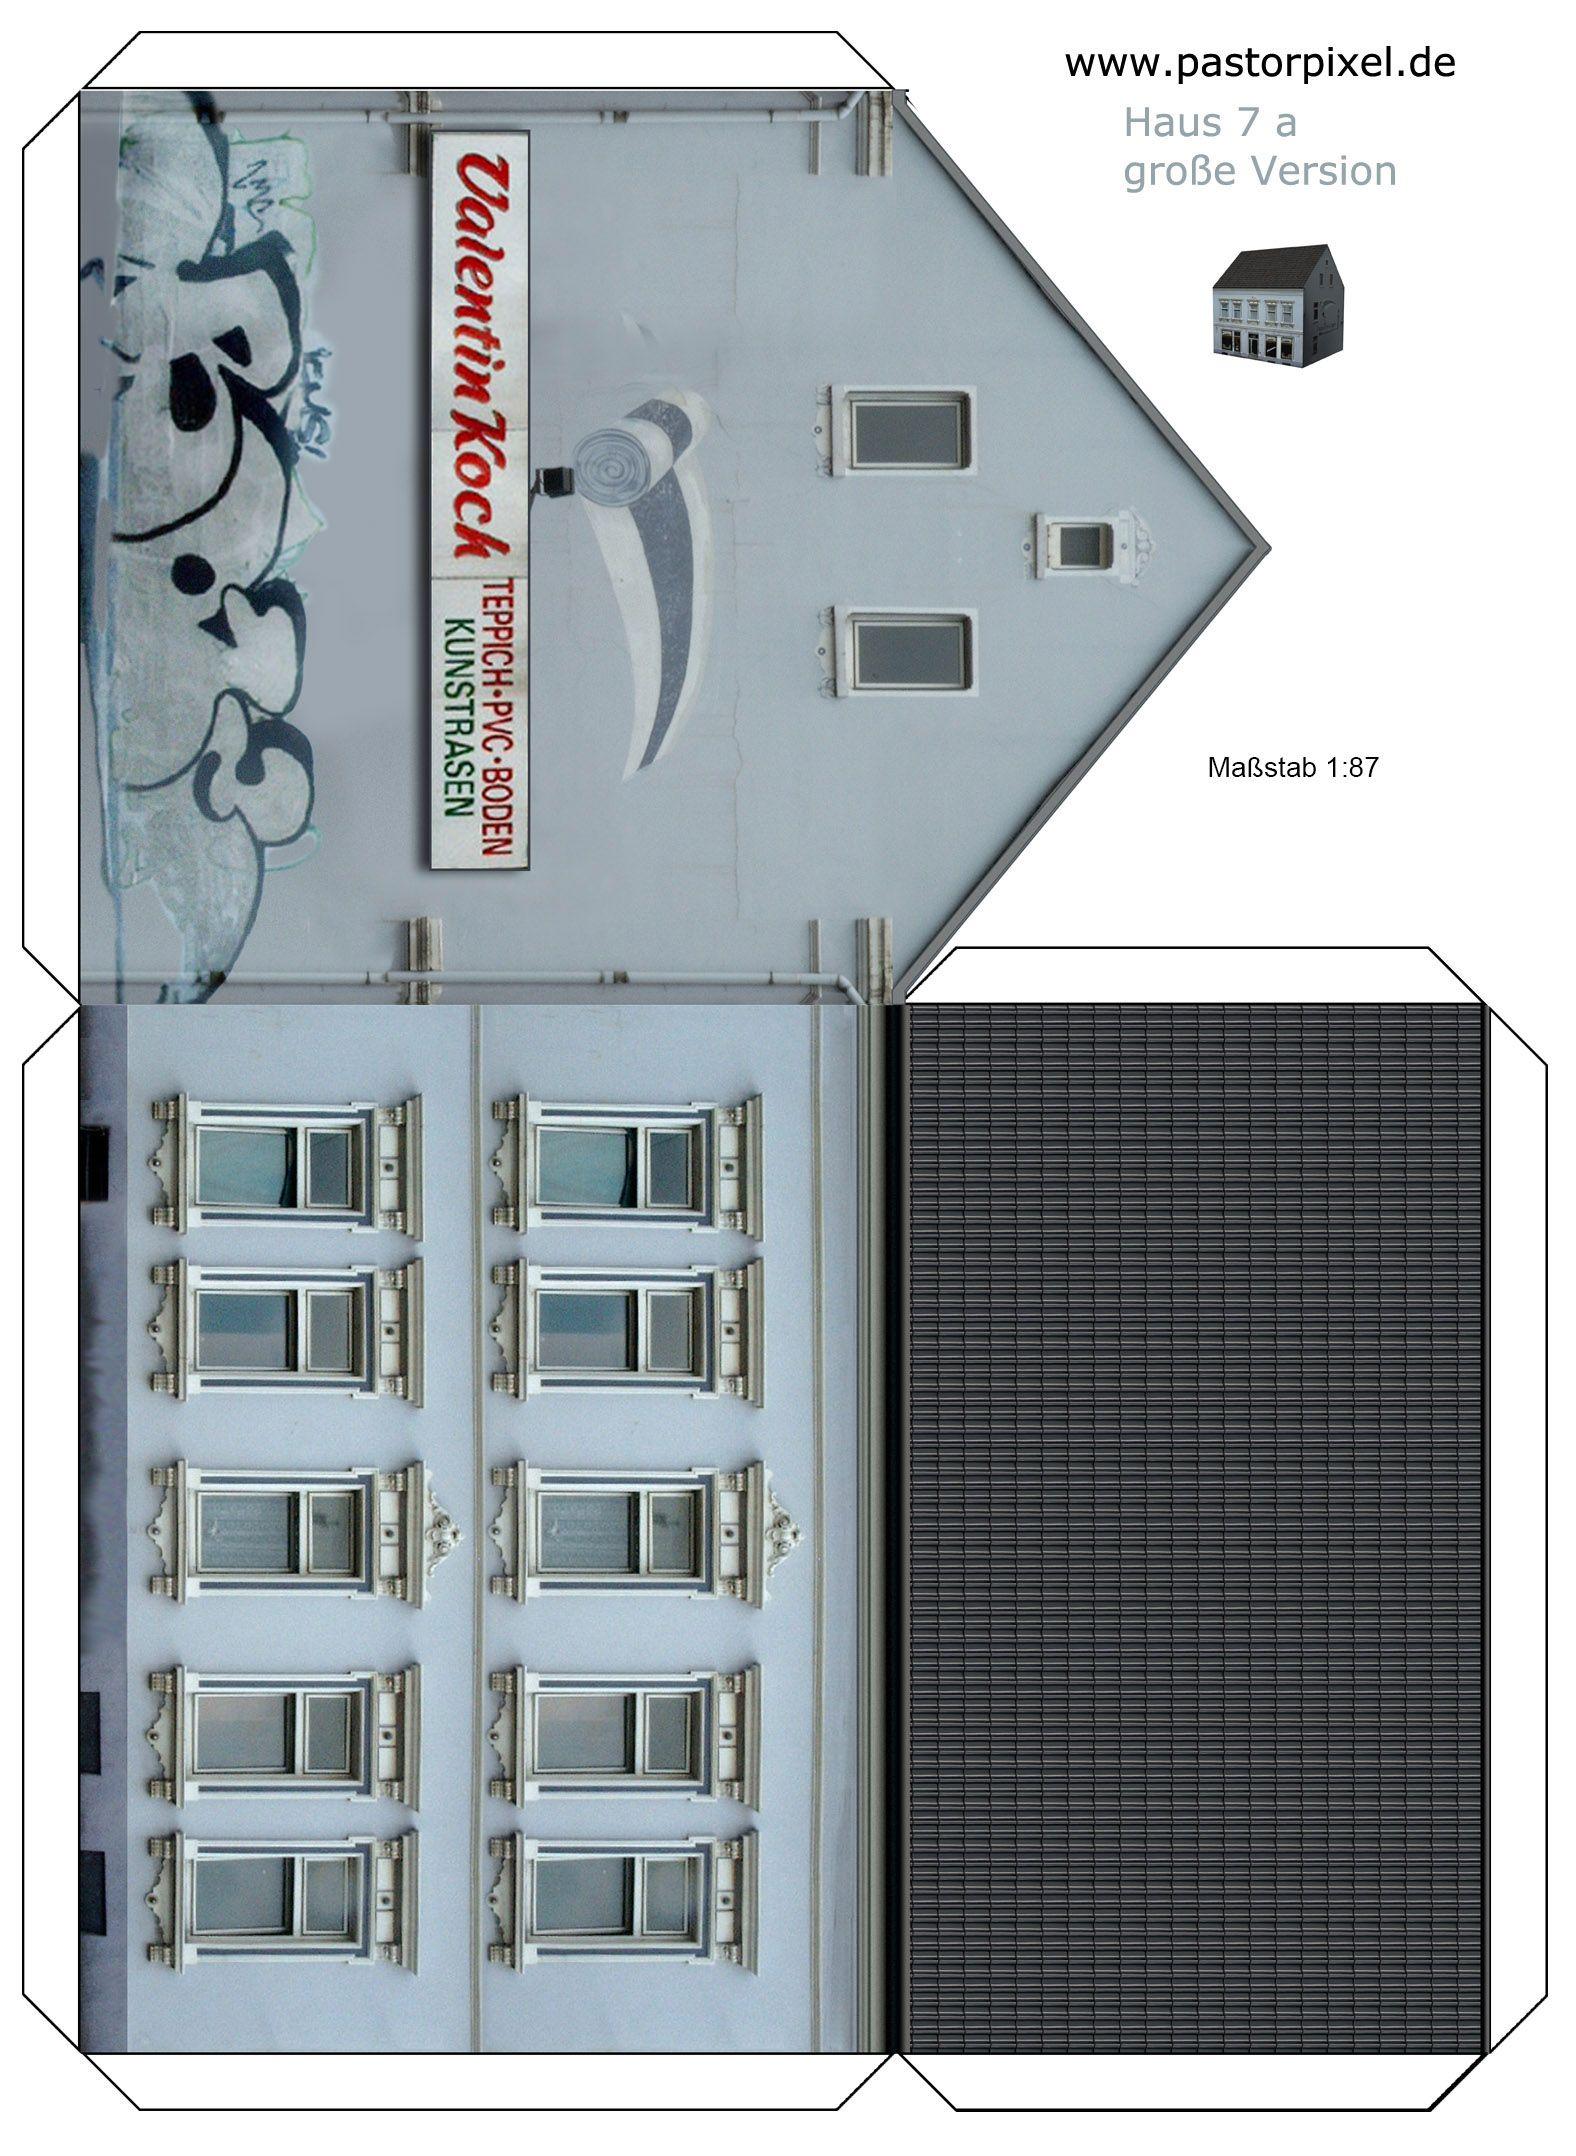 Ausschneidebogen Haus | Modellbau haus, Haus aus pappe und ...